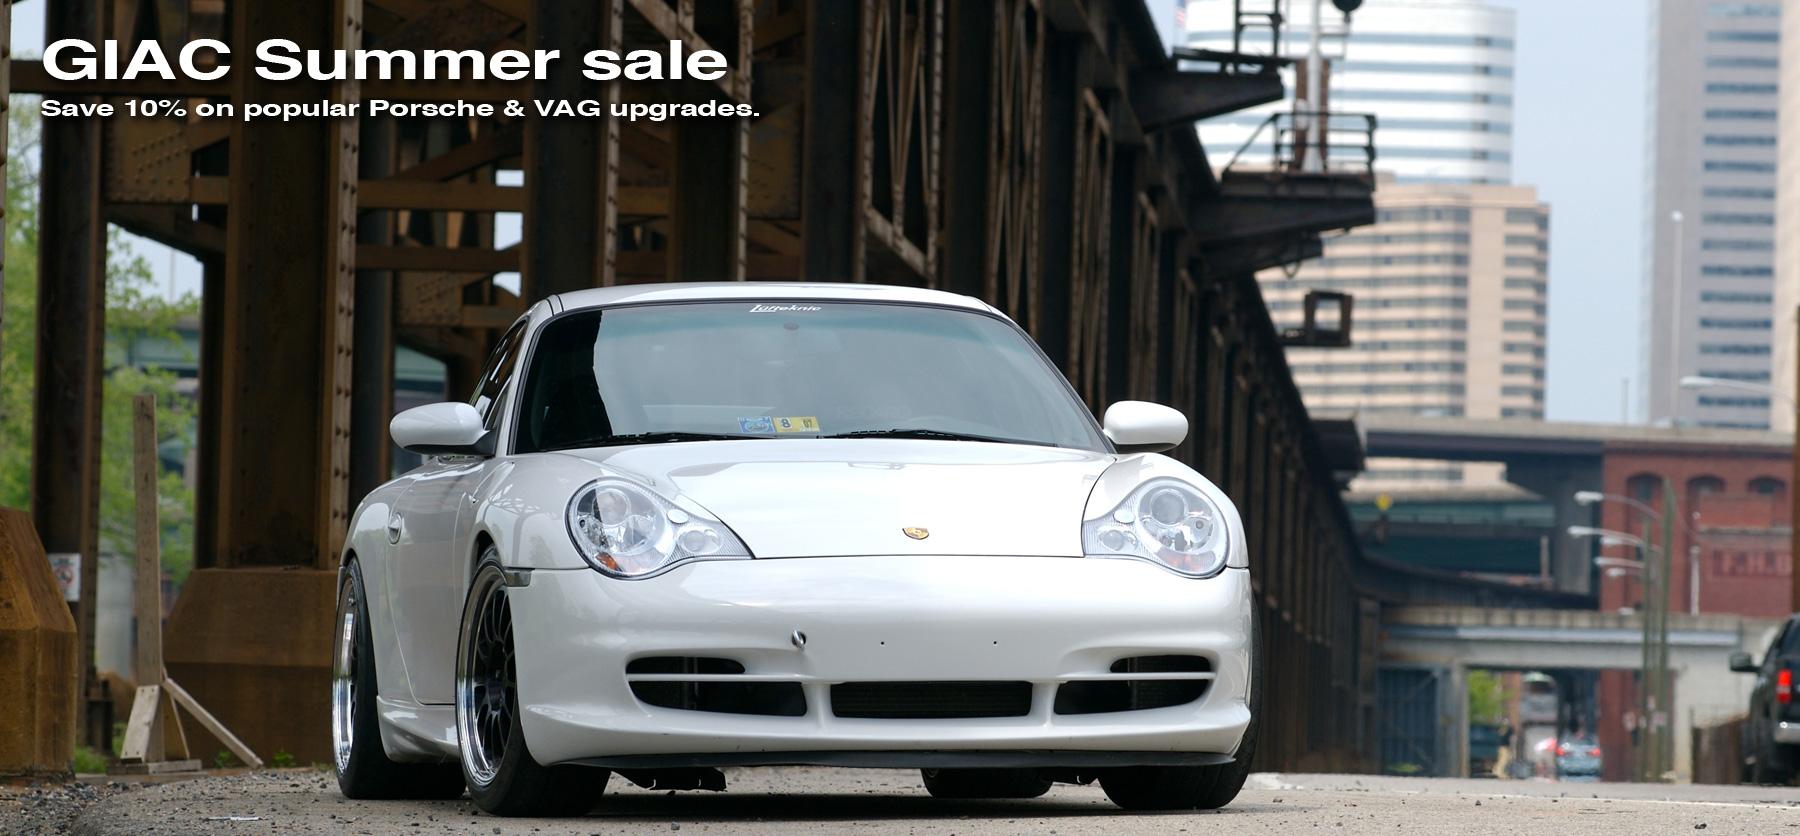 GIAC software for Porsche on sale